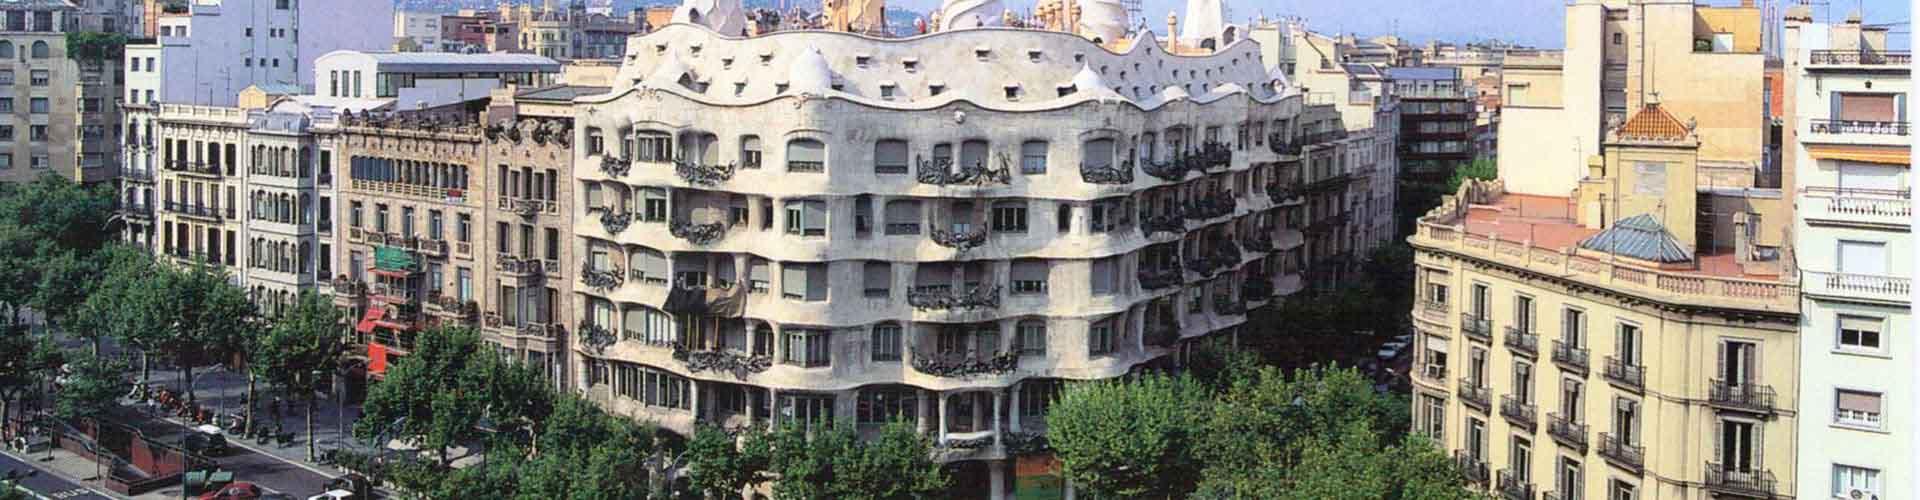 巴塞罗那 – 米拉公寓 附近的青年旅舍。巴塞罗那地图,巴塞罗那 所有青年旅馆的照片和评分。